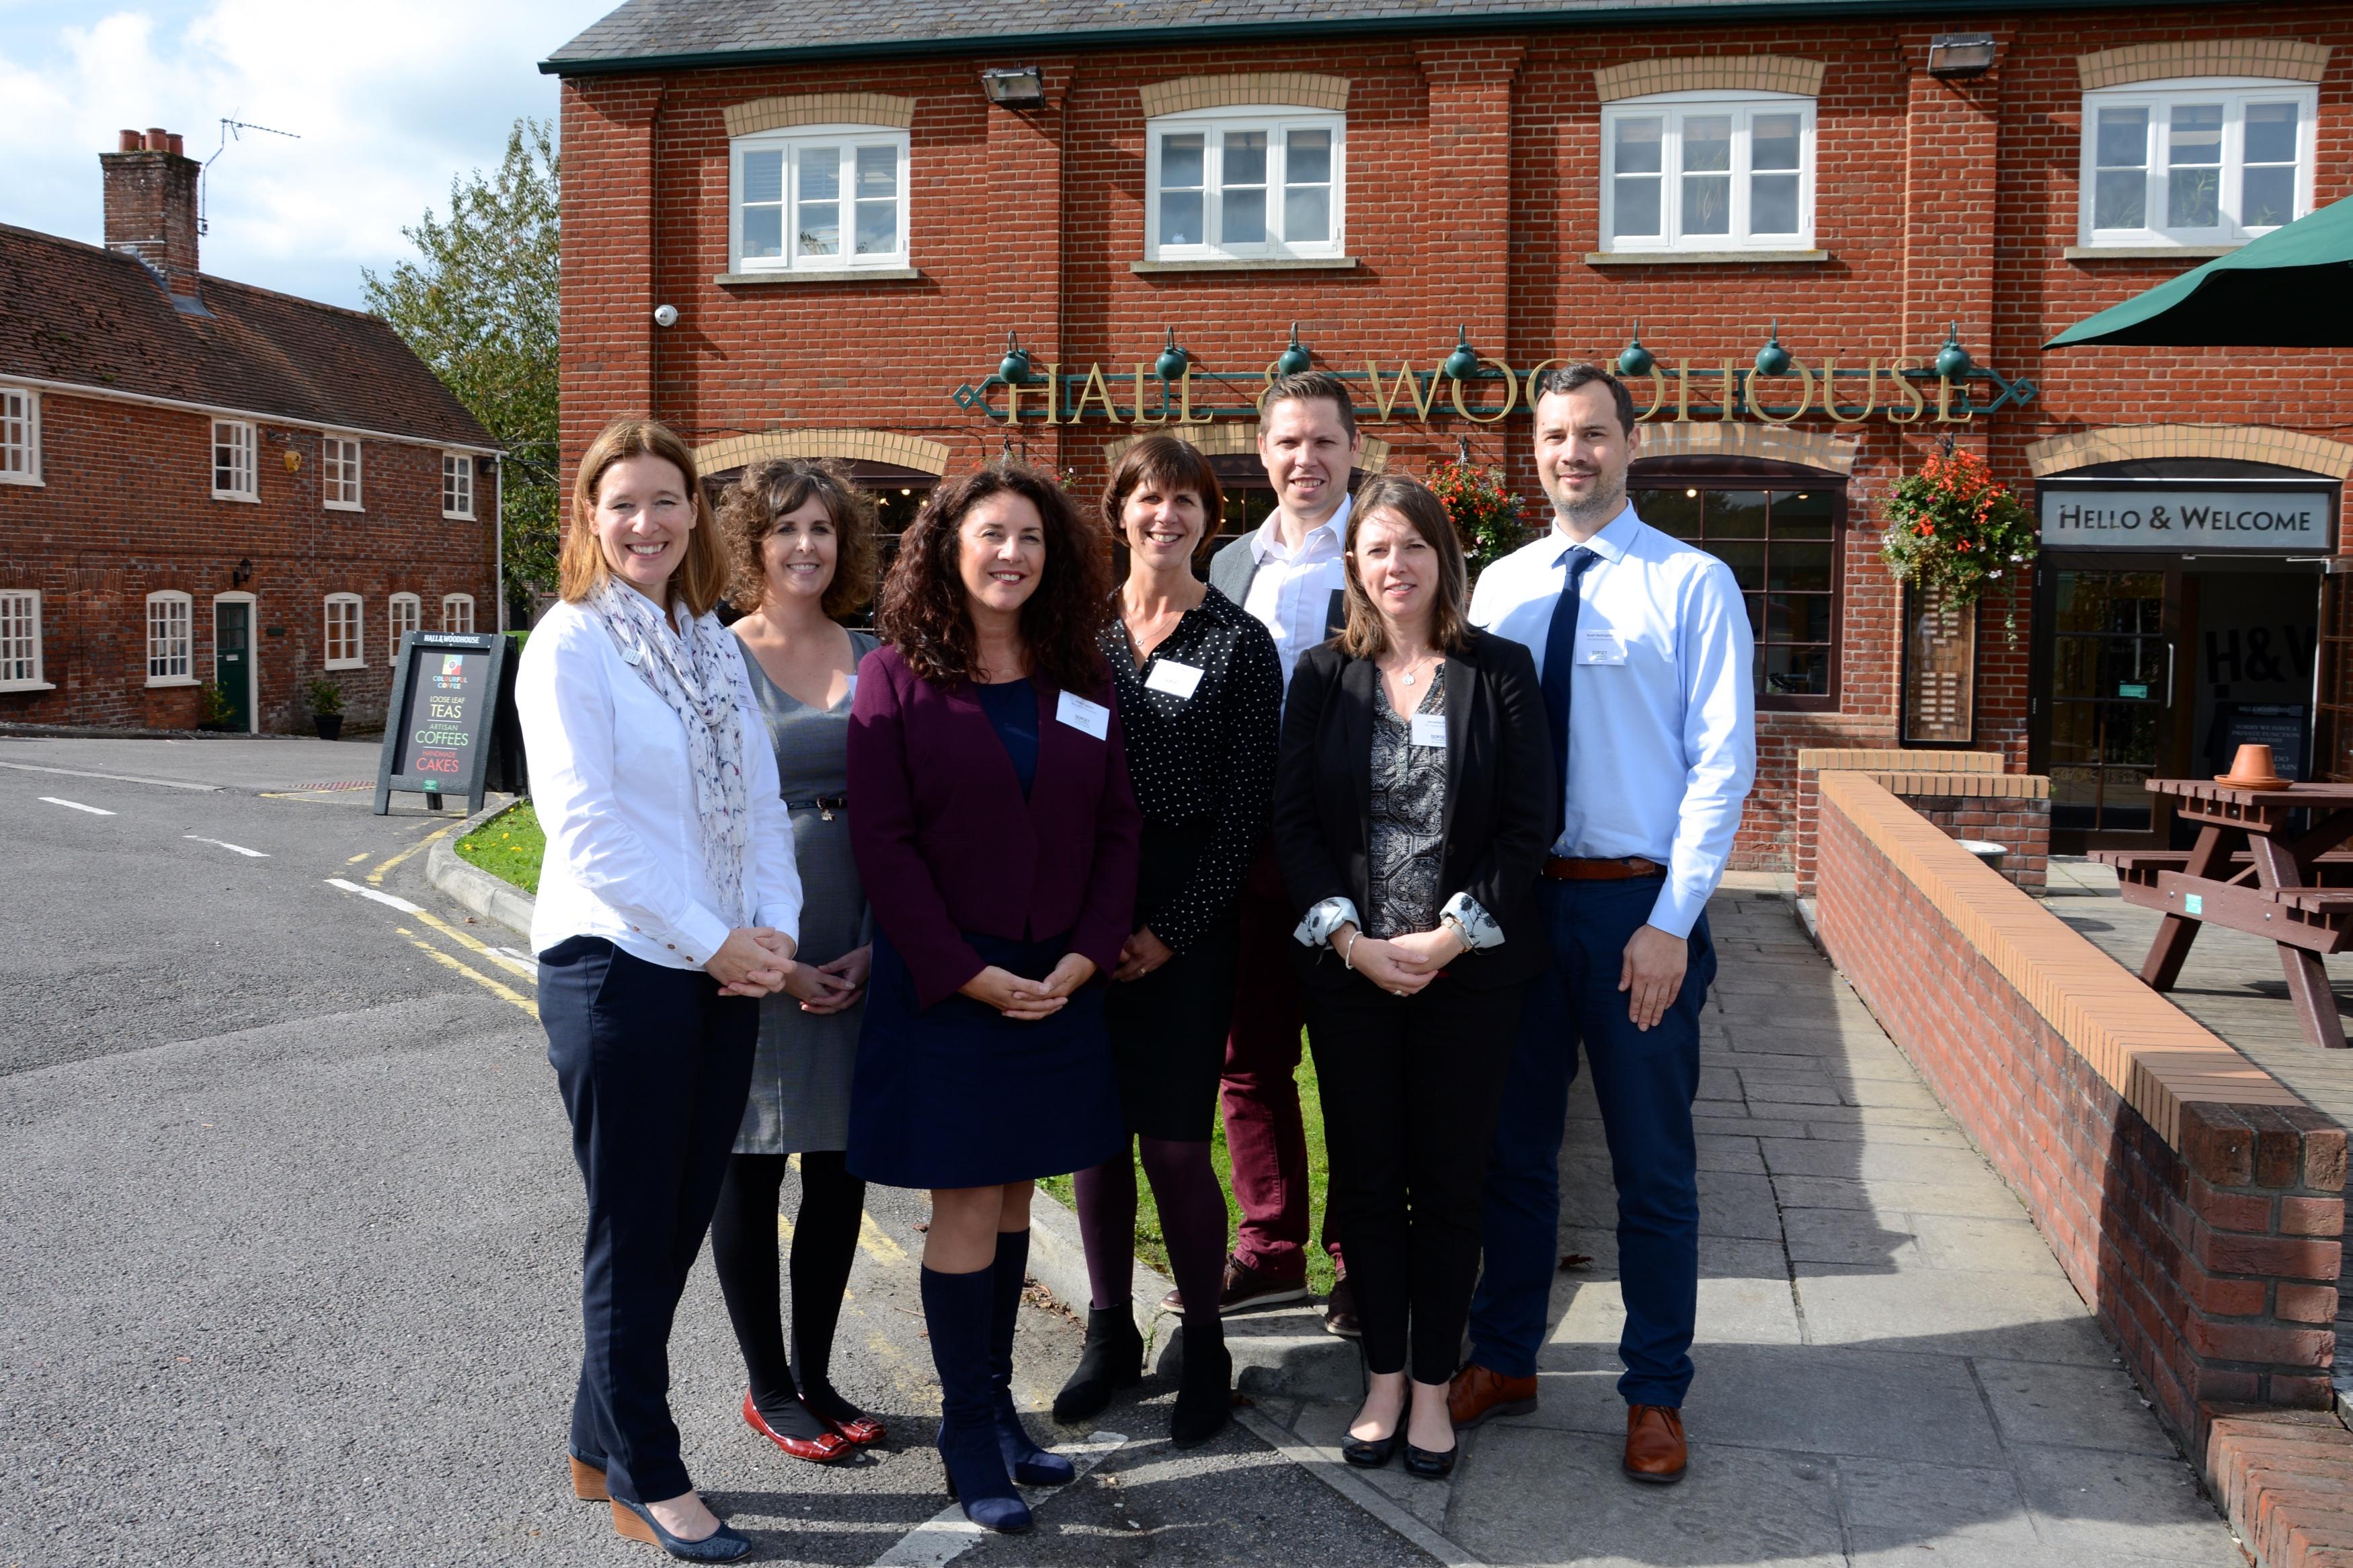 The Visit Dorset team